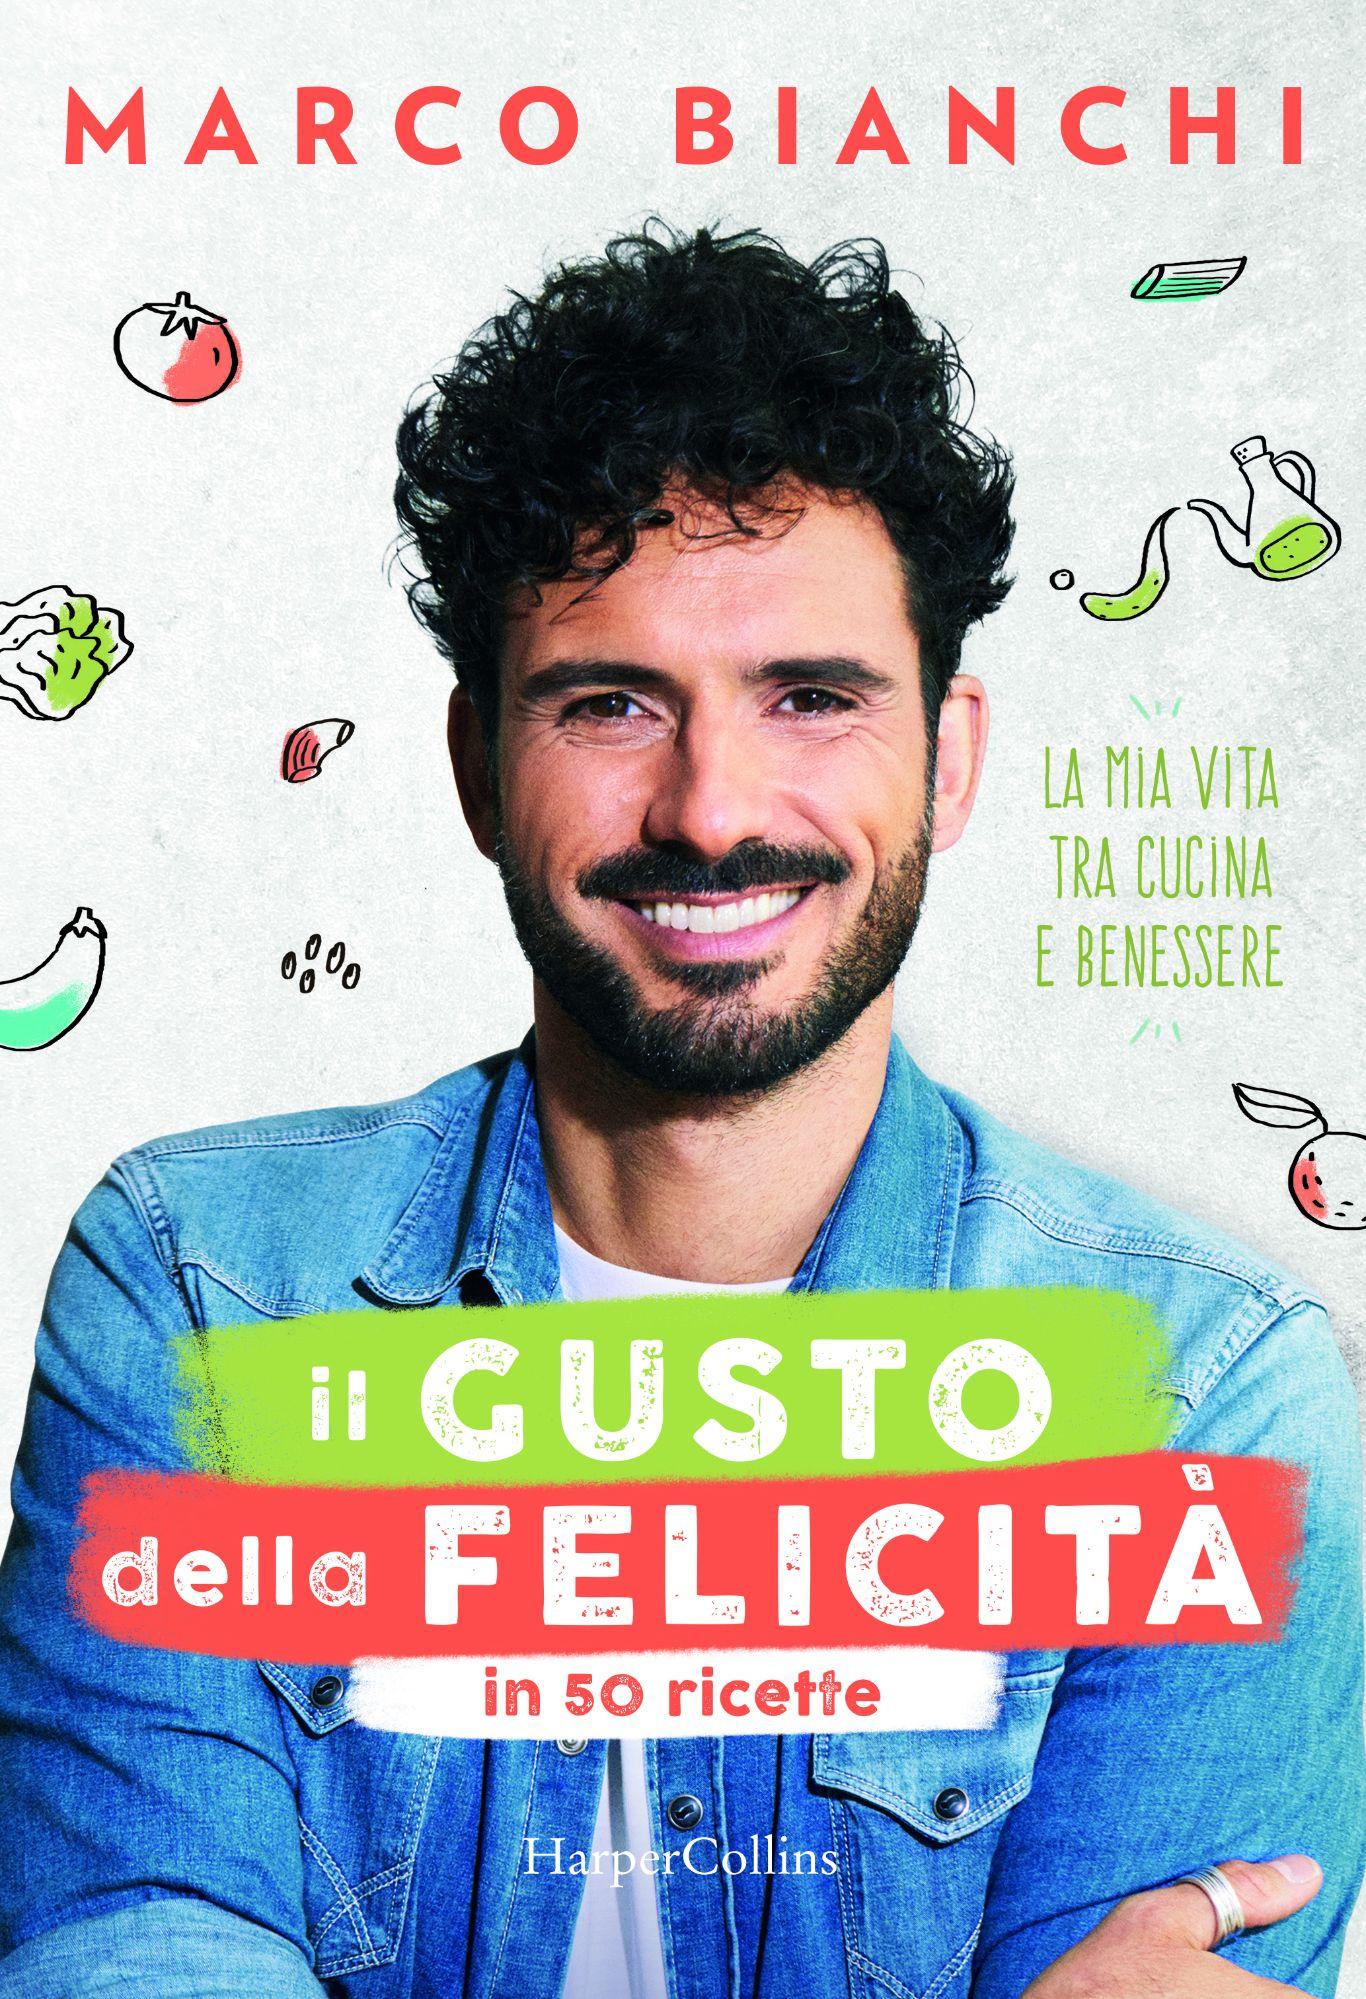 Marco Bianchi: Il gusto della felicità in 50 ricette